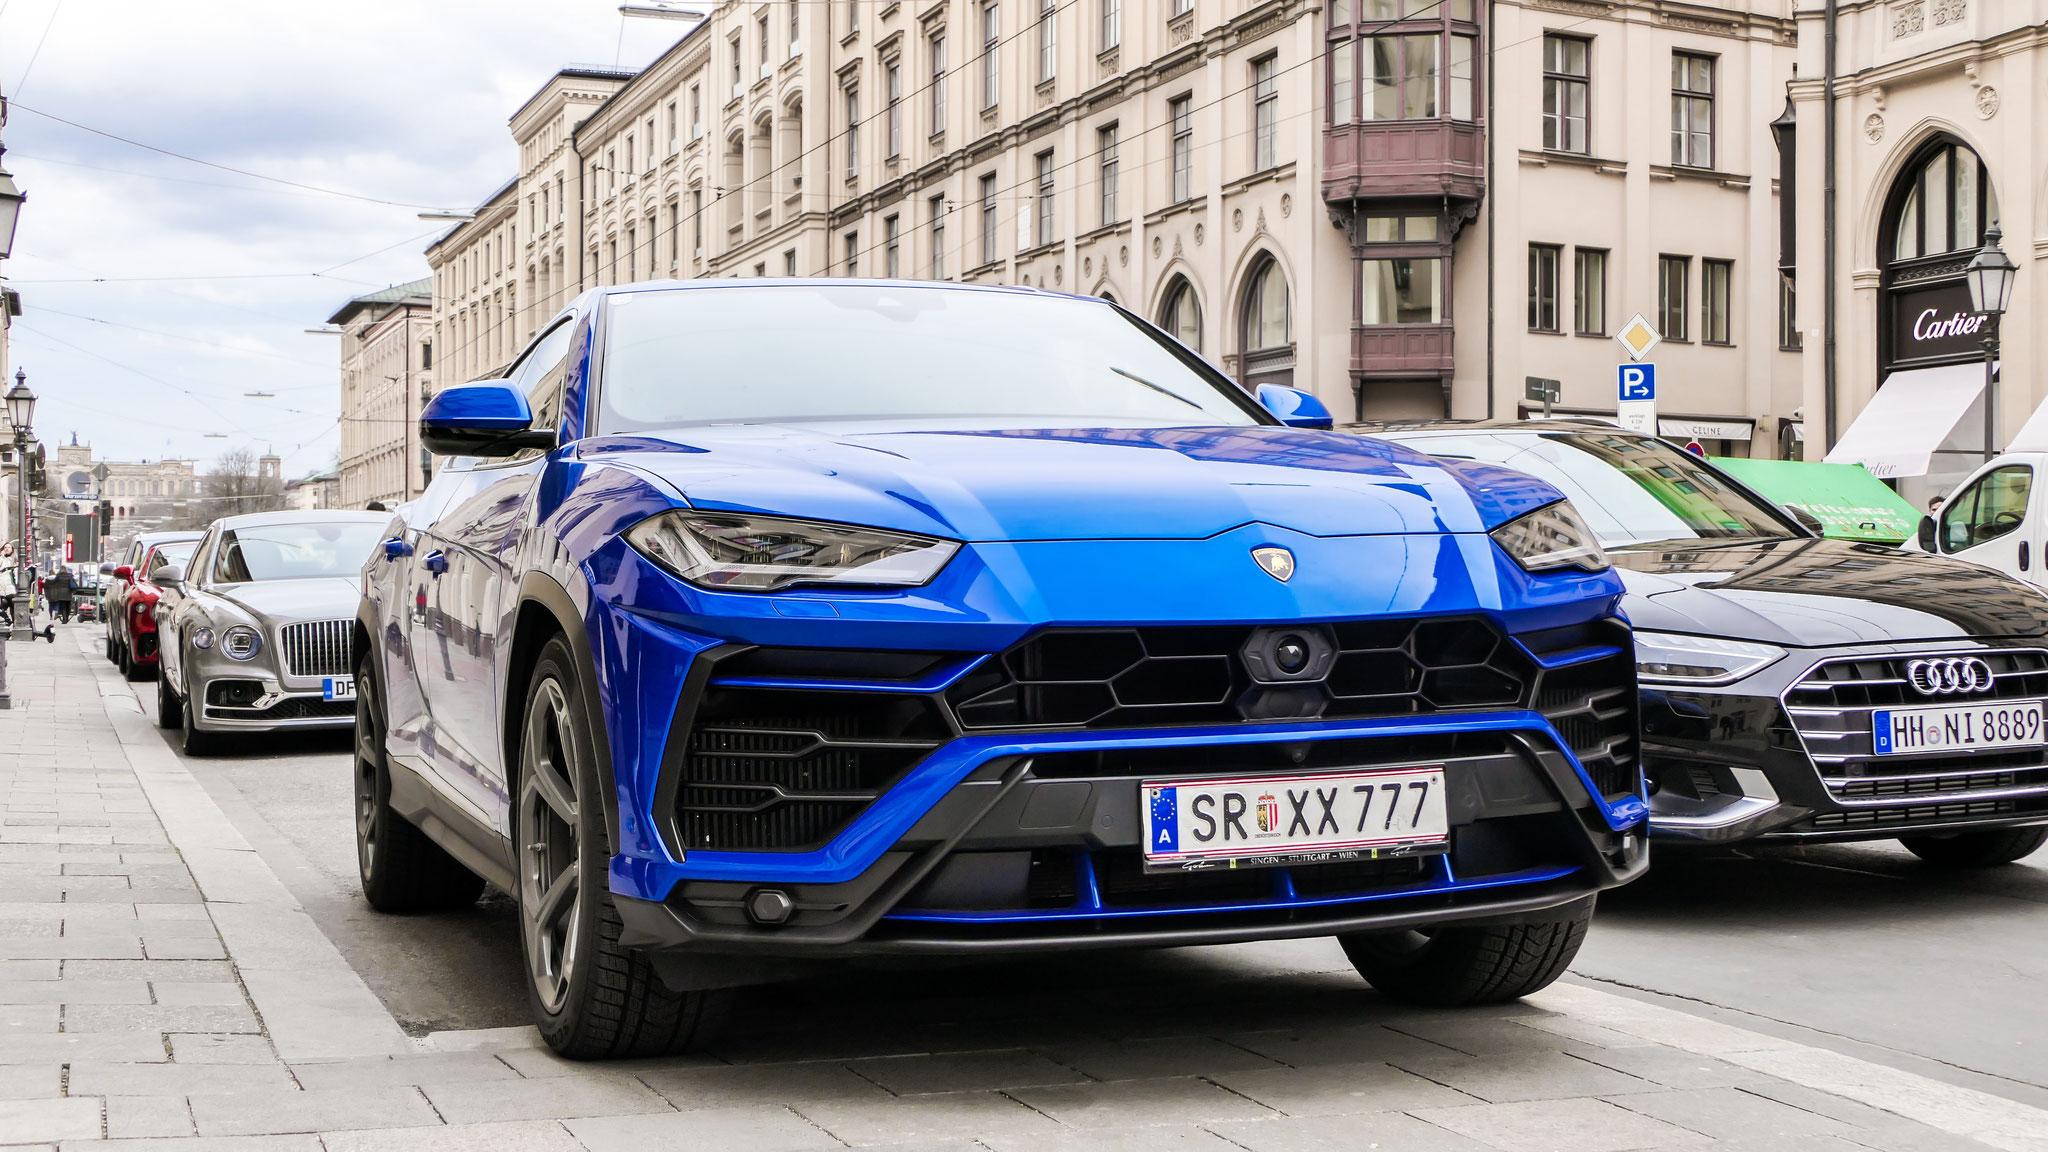 Lamborghini Urus - SR-XX-777 (AUT)